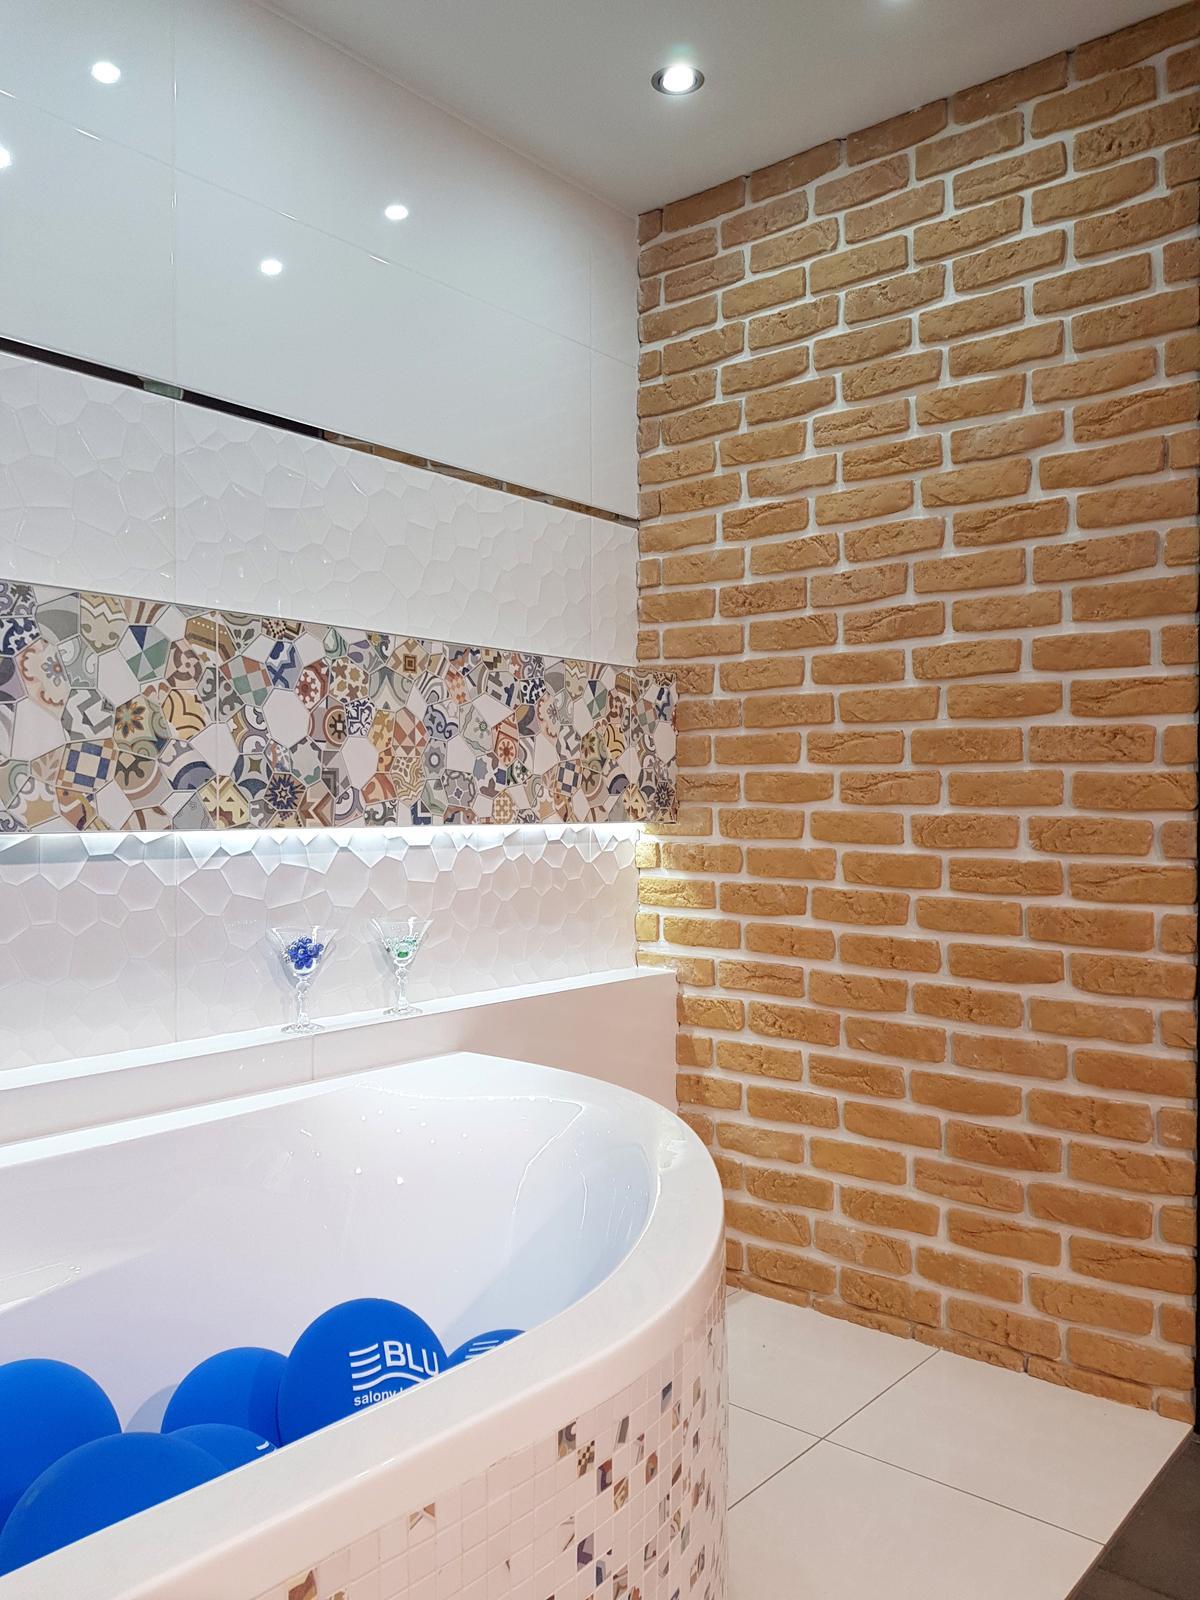 Kolorowy patchwork w białej oprawie - Azario Kalejdoskop Color - zdjęcie od BLU salon łazienek Cieszyn